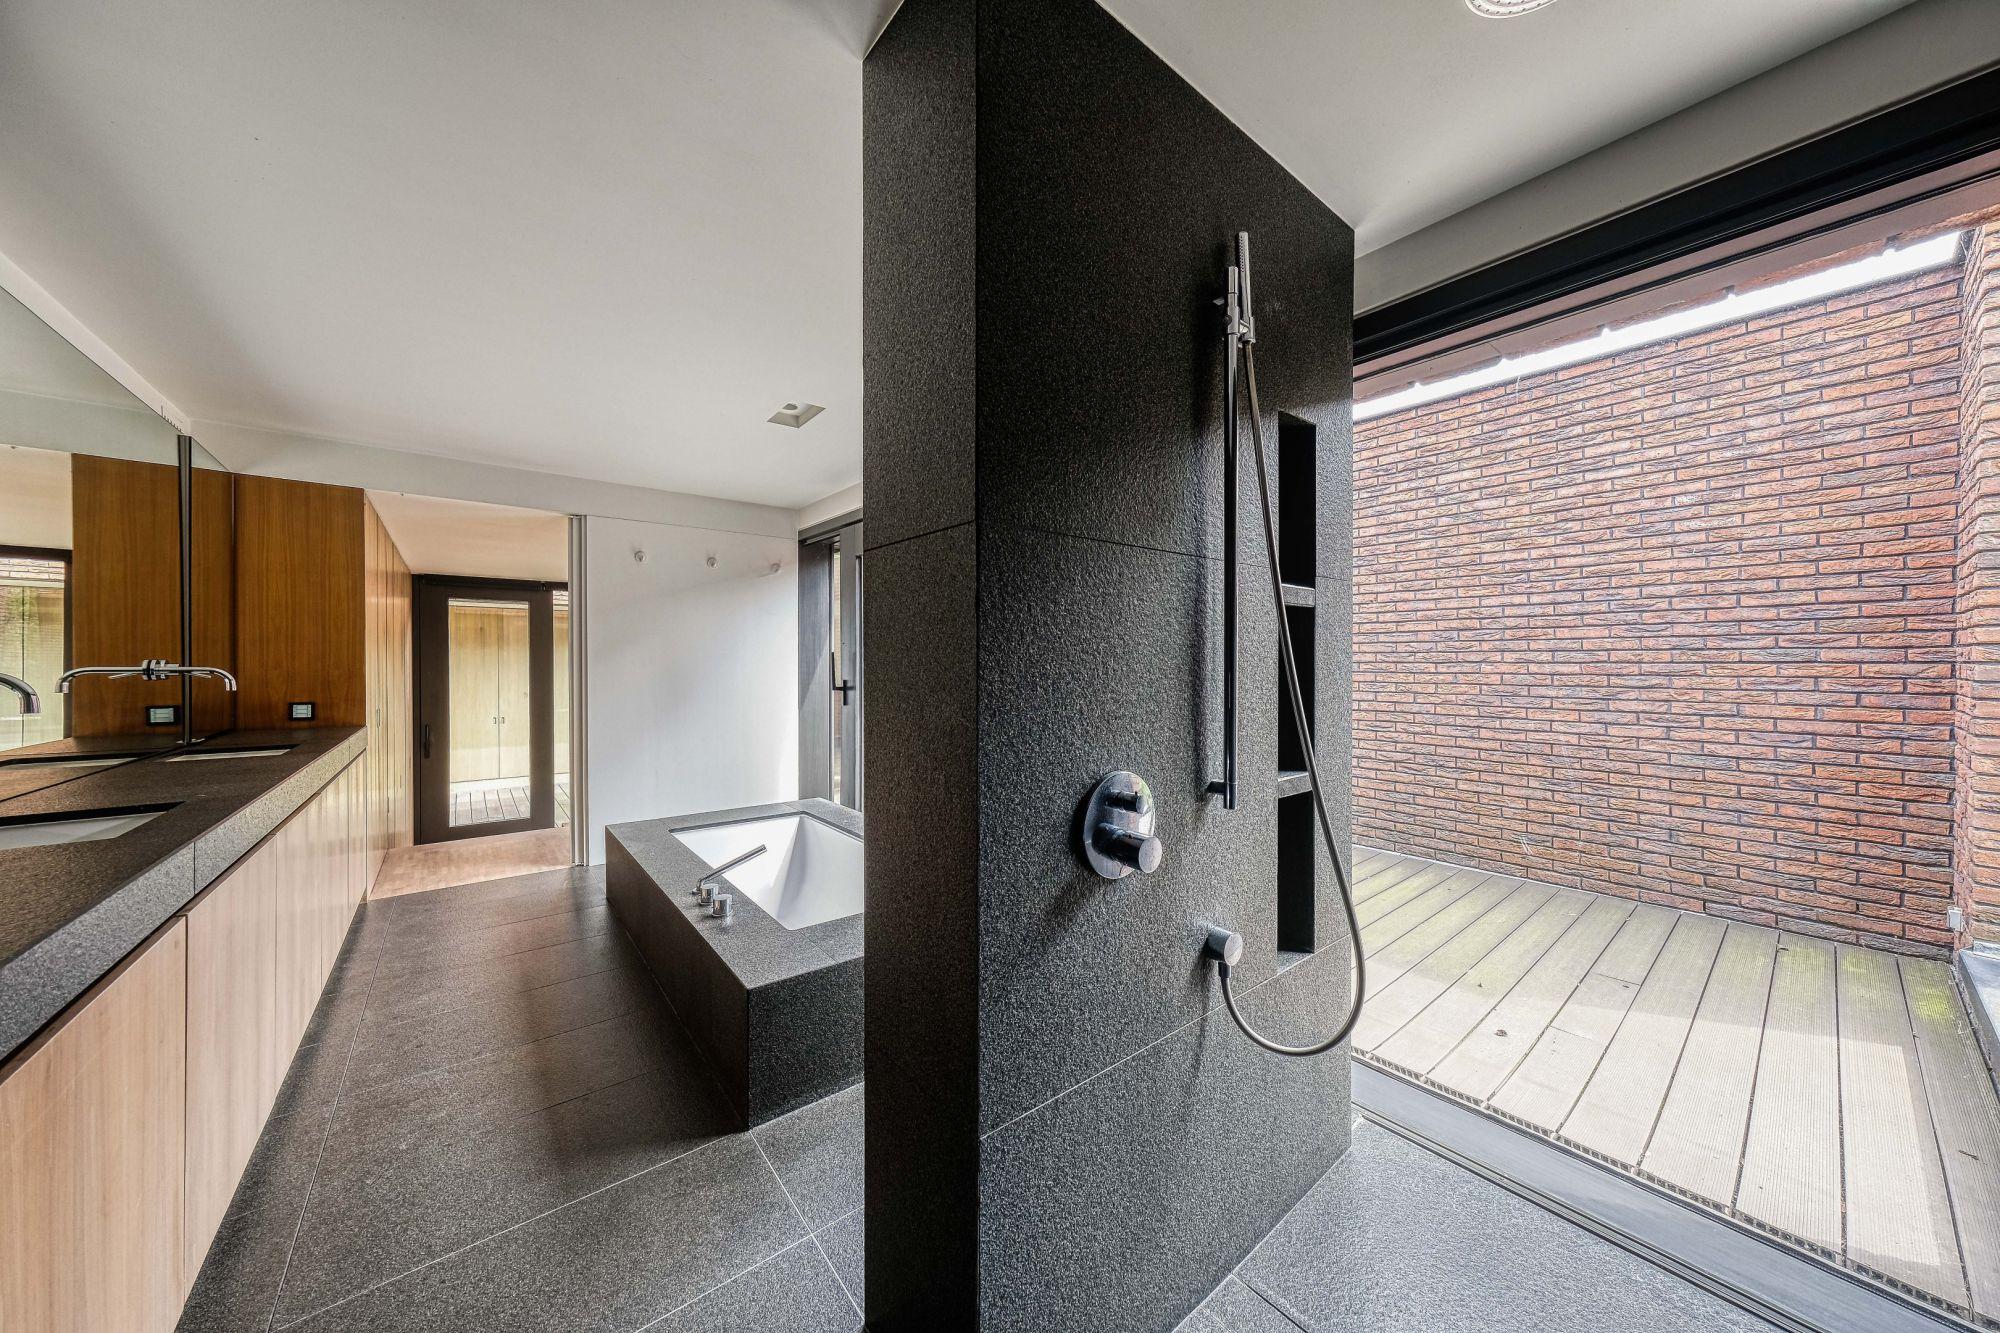 Badkamer afgewerkt met hout